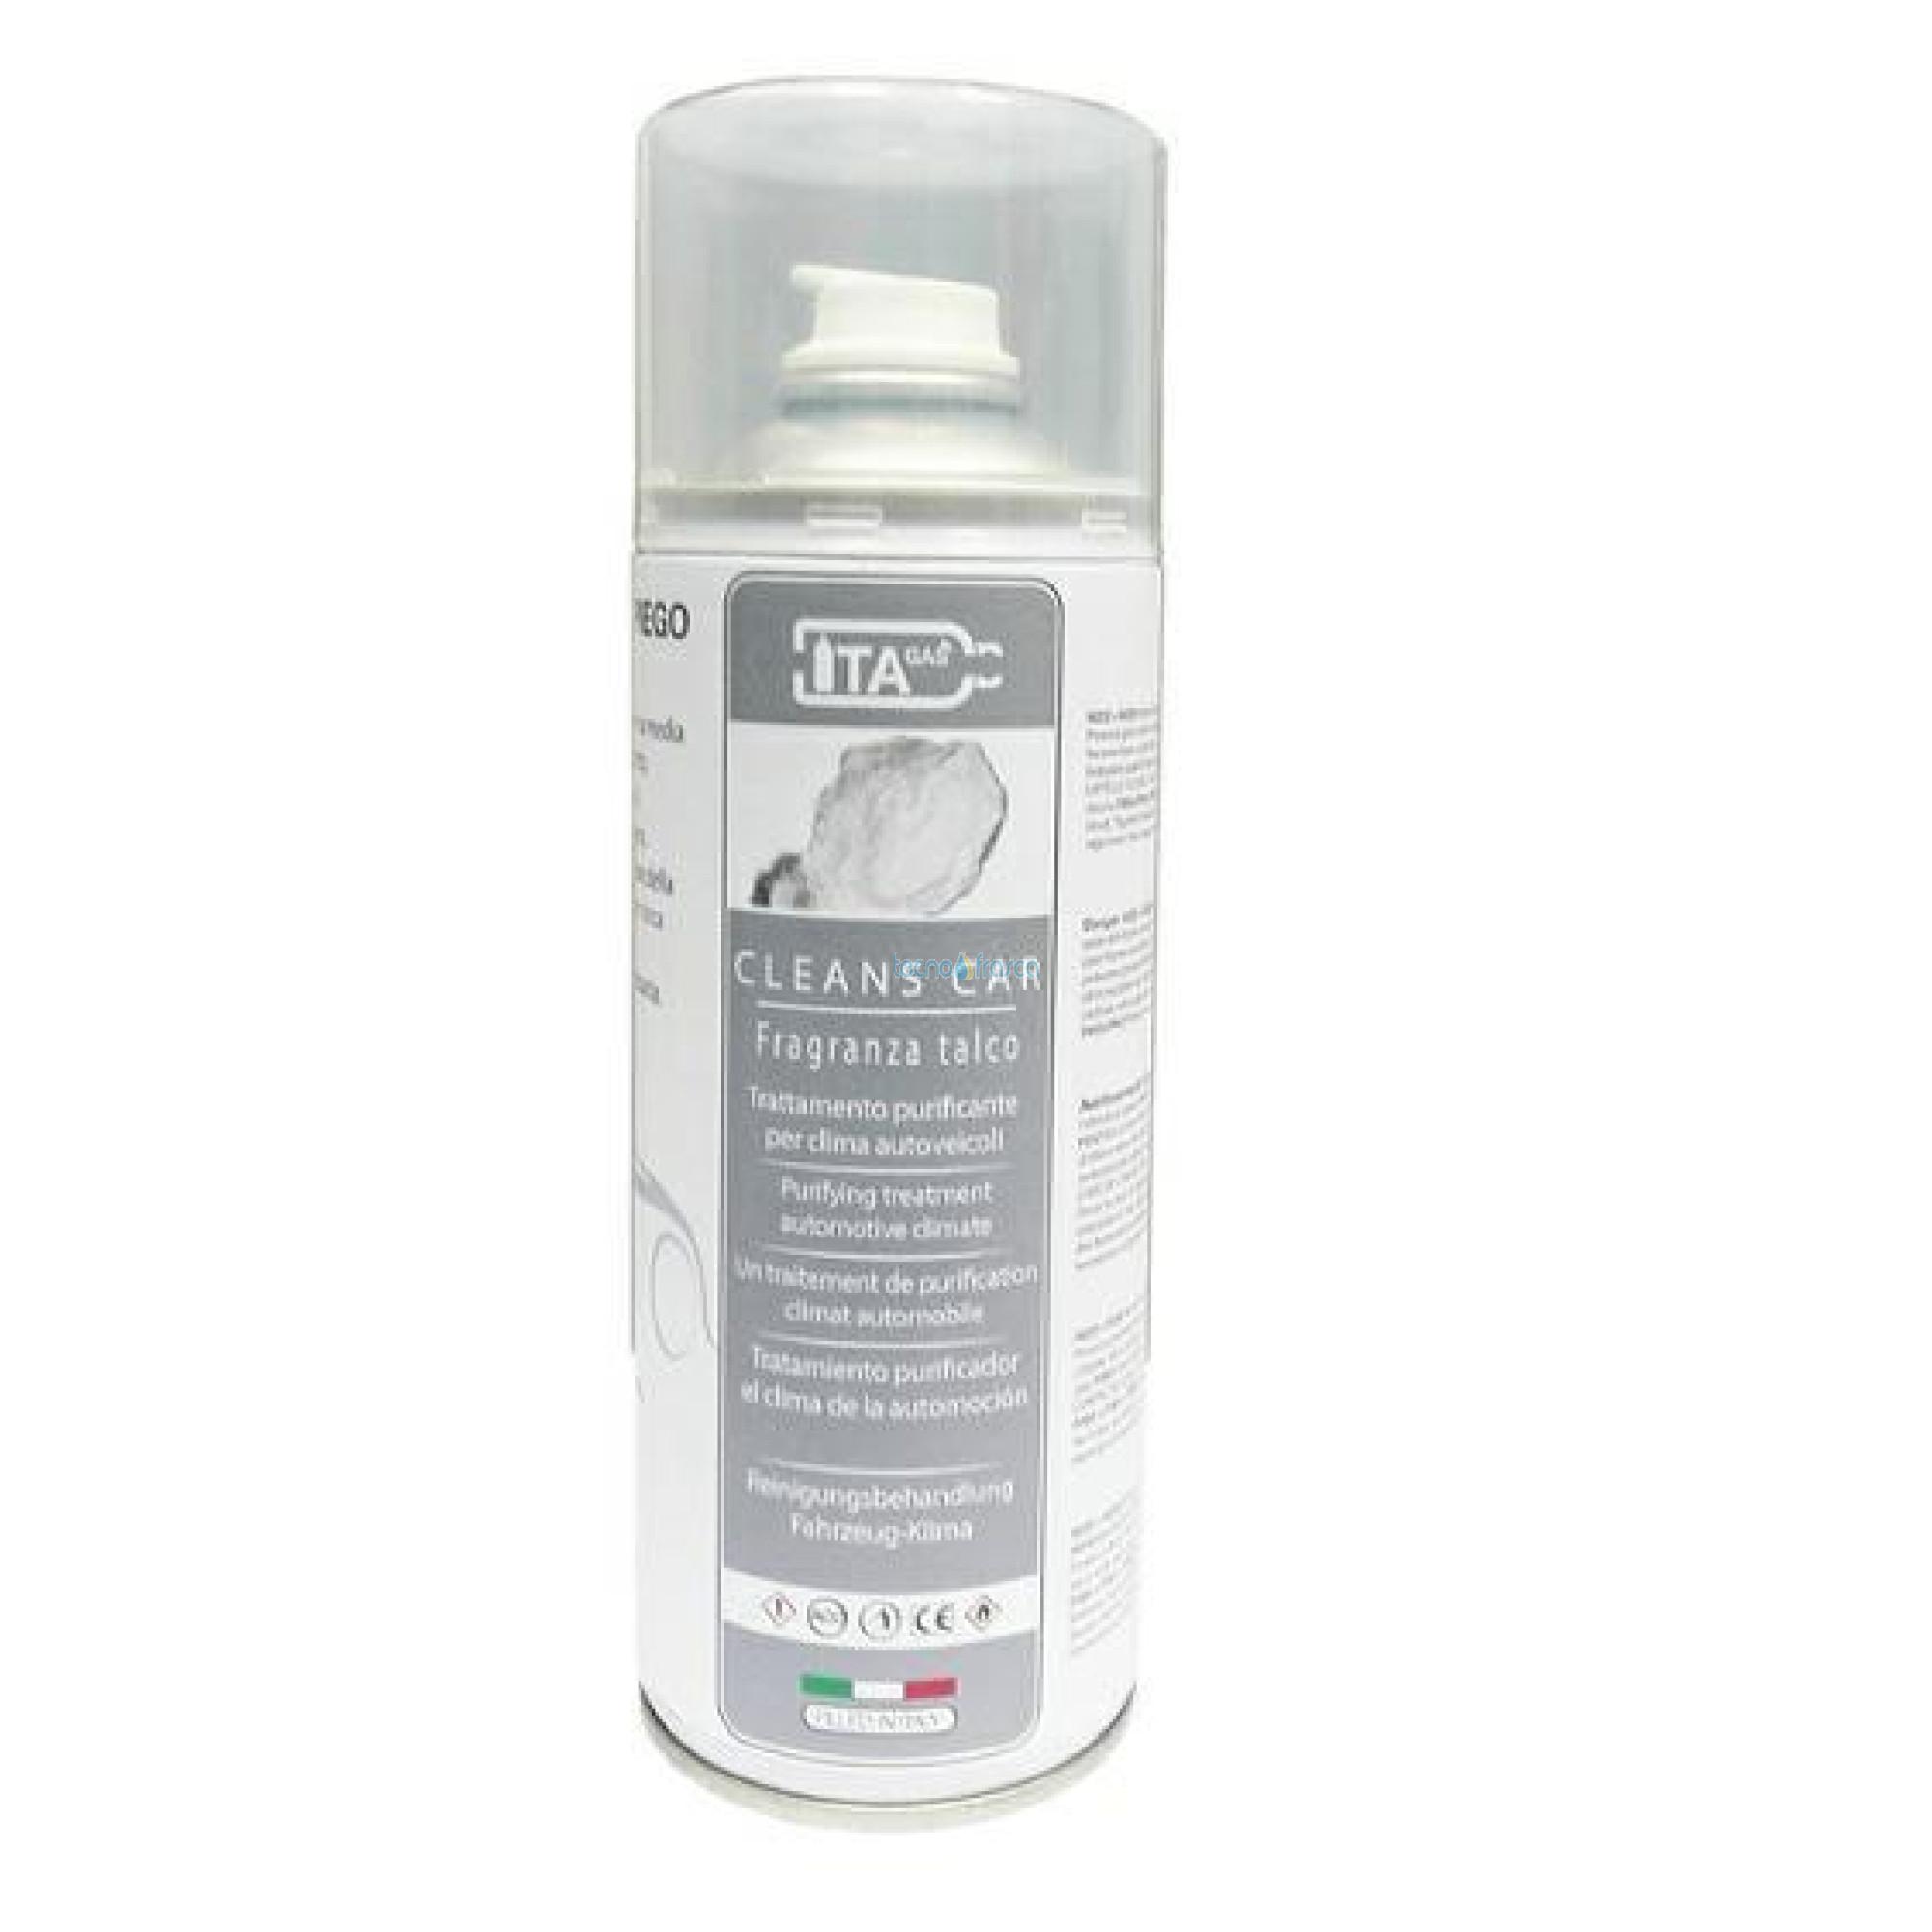 Deodorante cleaner talco sanificante climatizzatori e auto 400ml